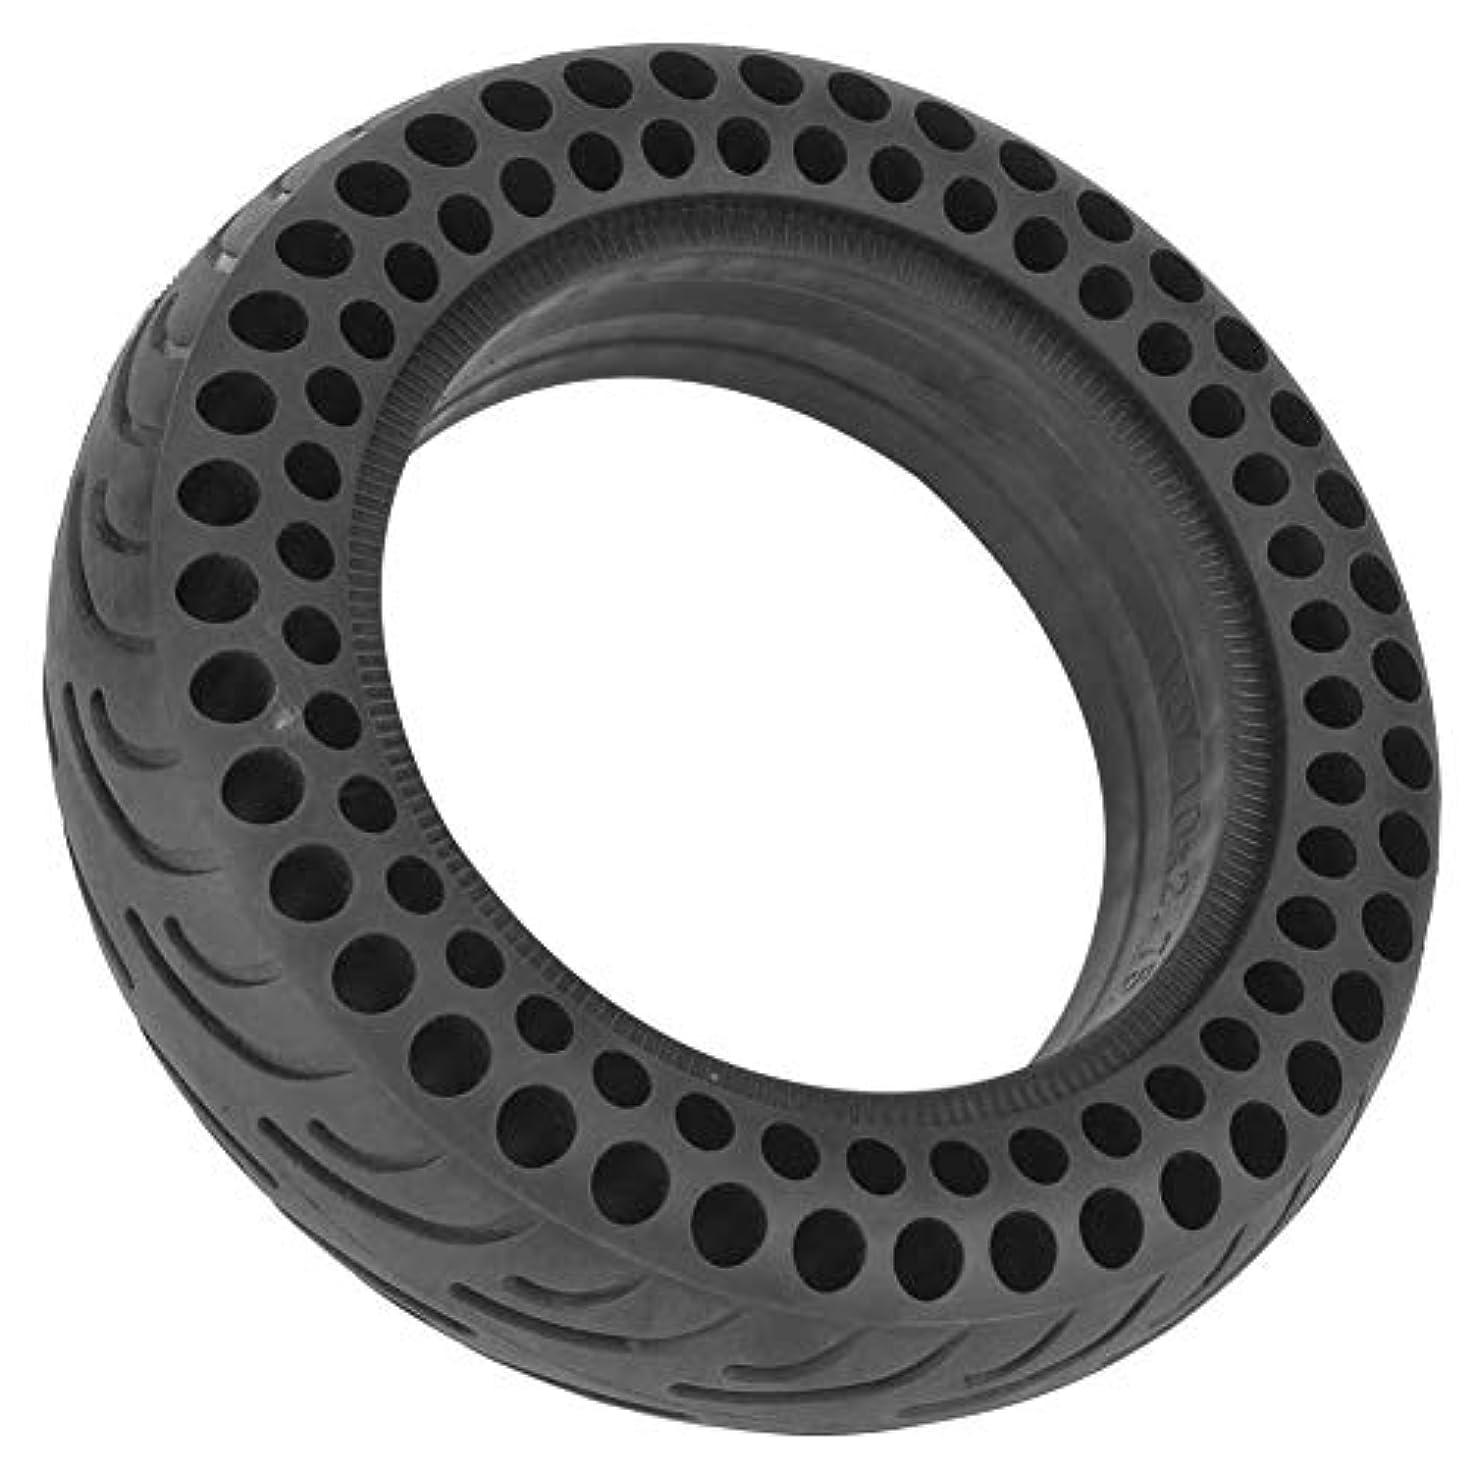 掘る印刷するぼかすスクータータイヤ ソリッドゴム 電動スケートボードタイヤ 黒